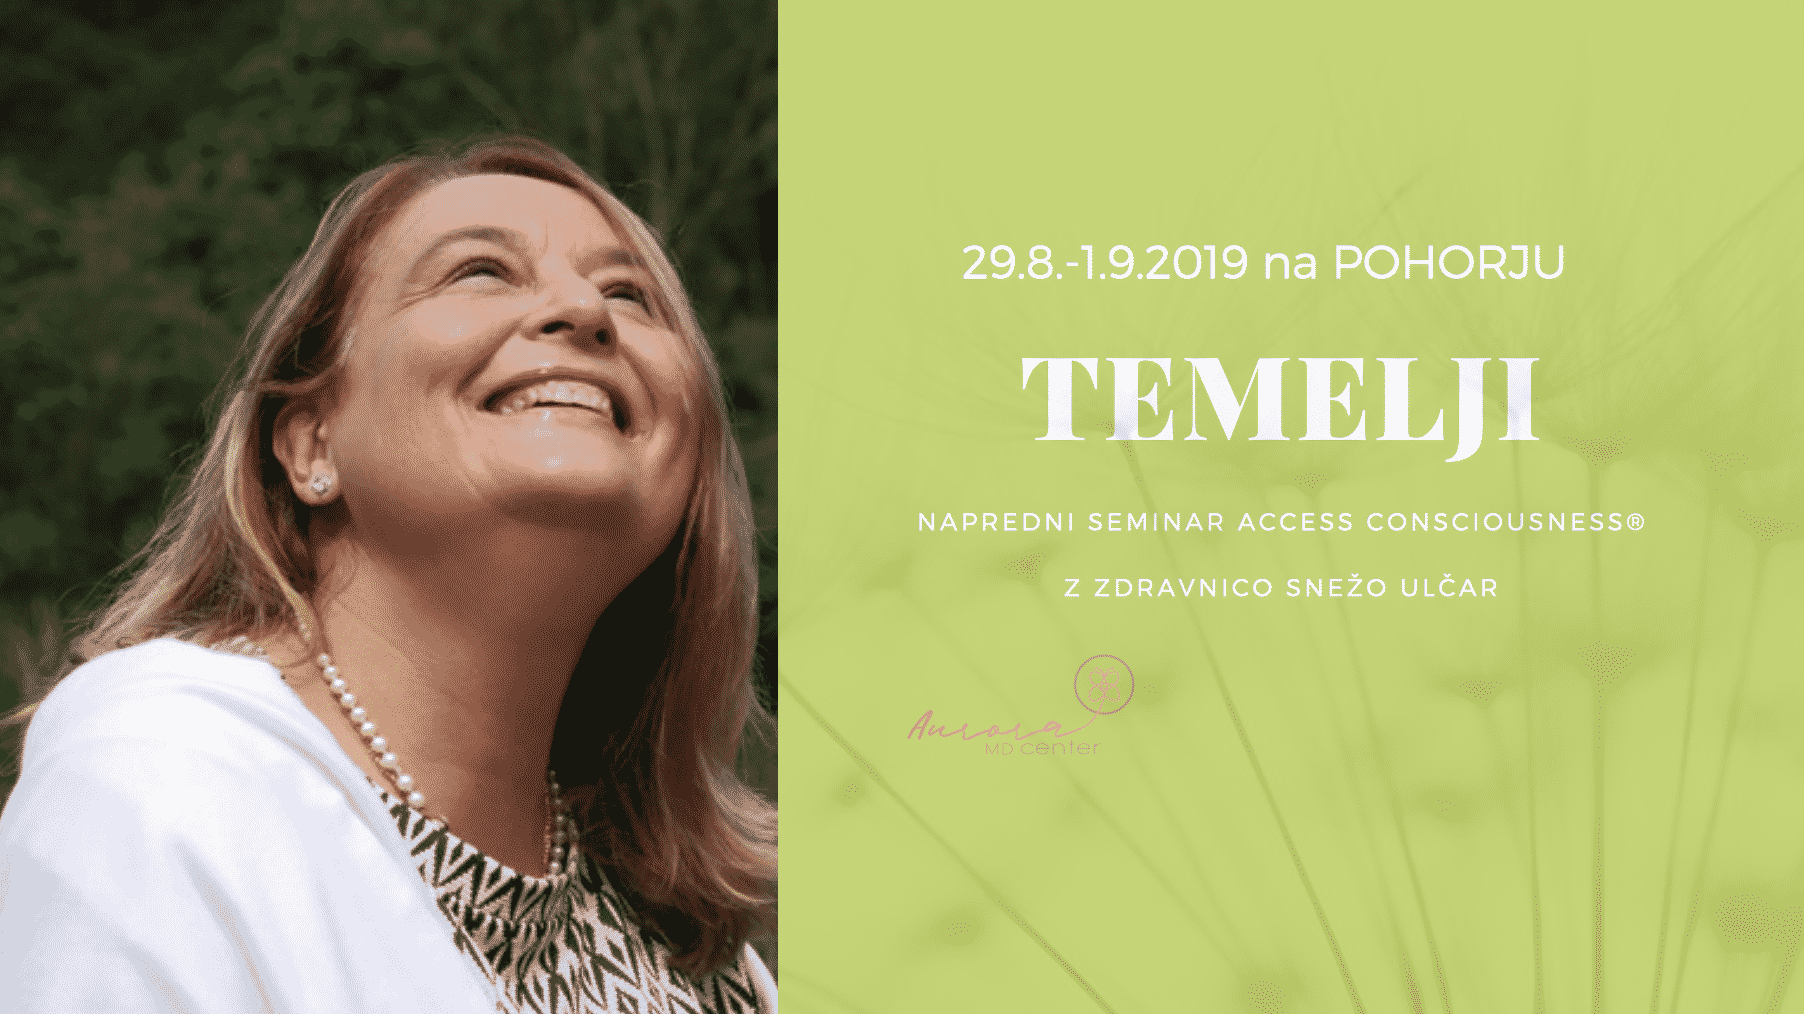 Seminar TEMELJI na POHORJU z dr. SNEŽO ULČAR